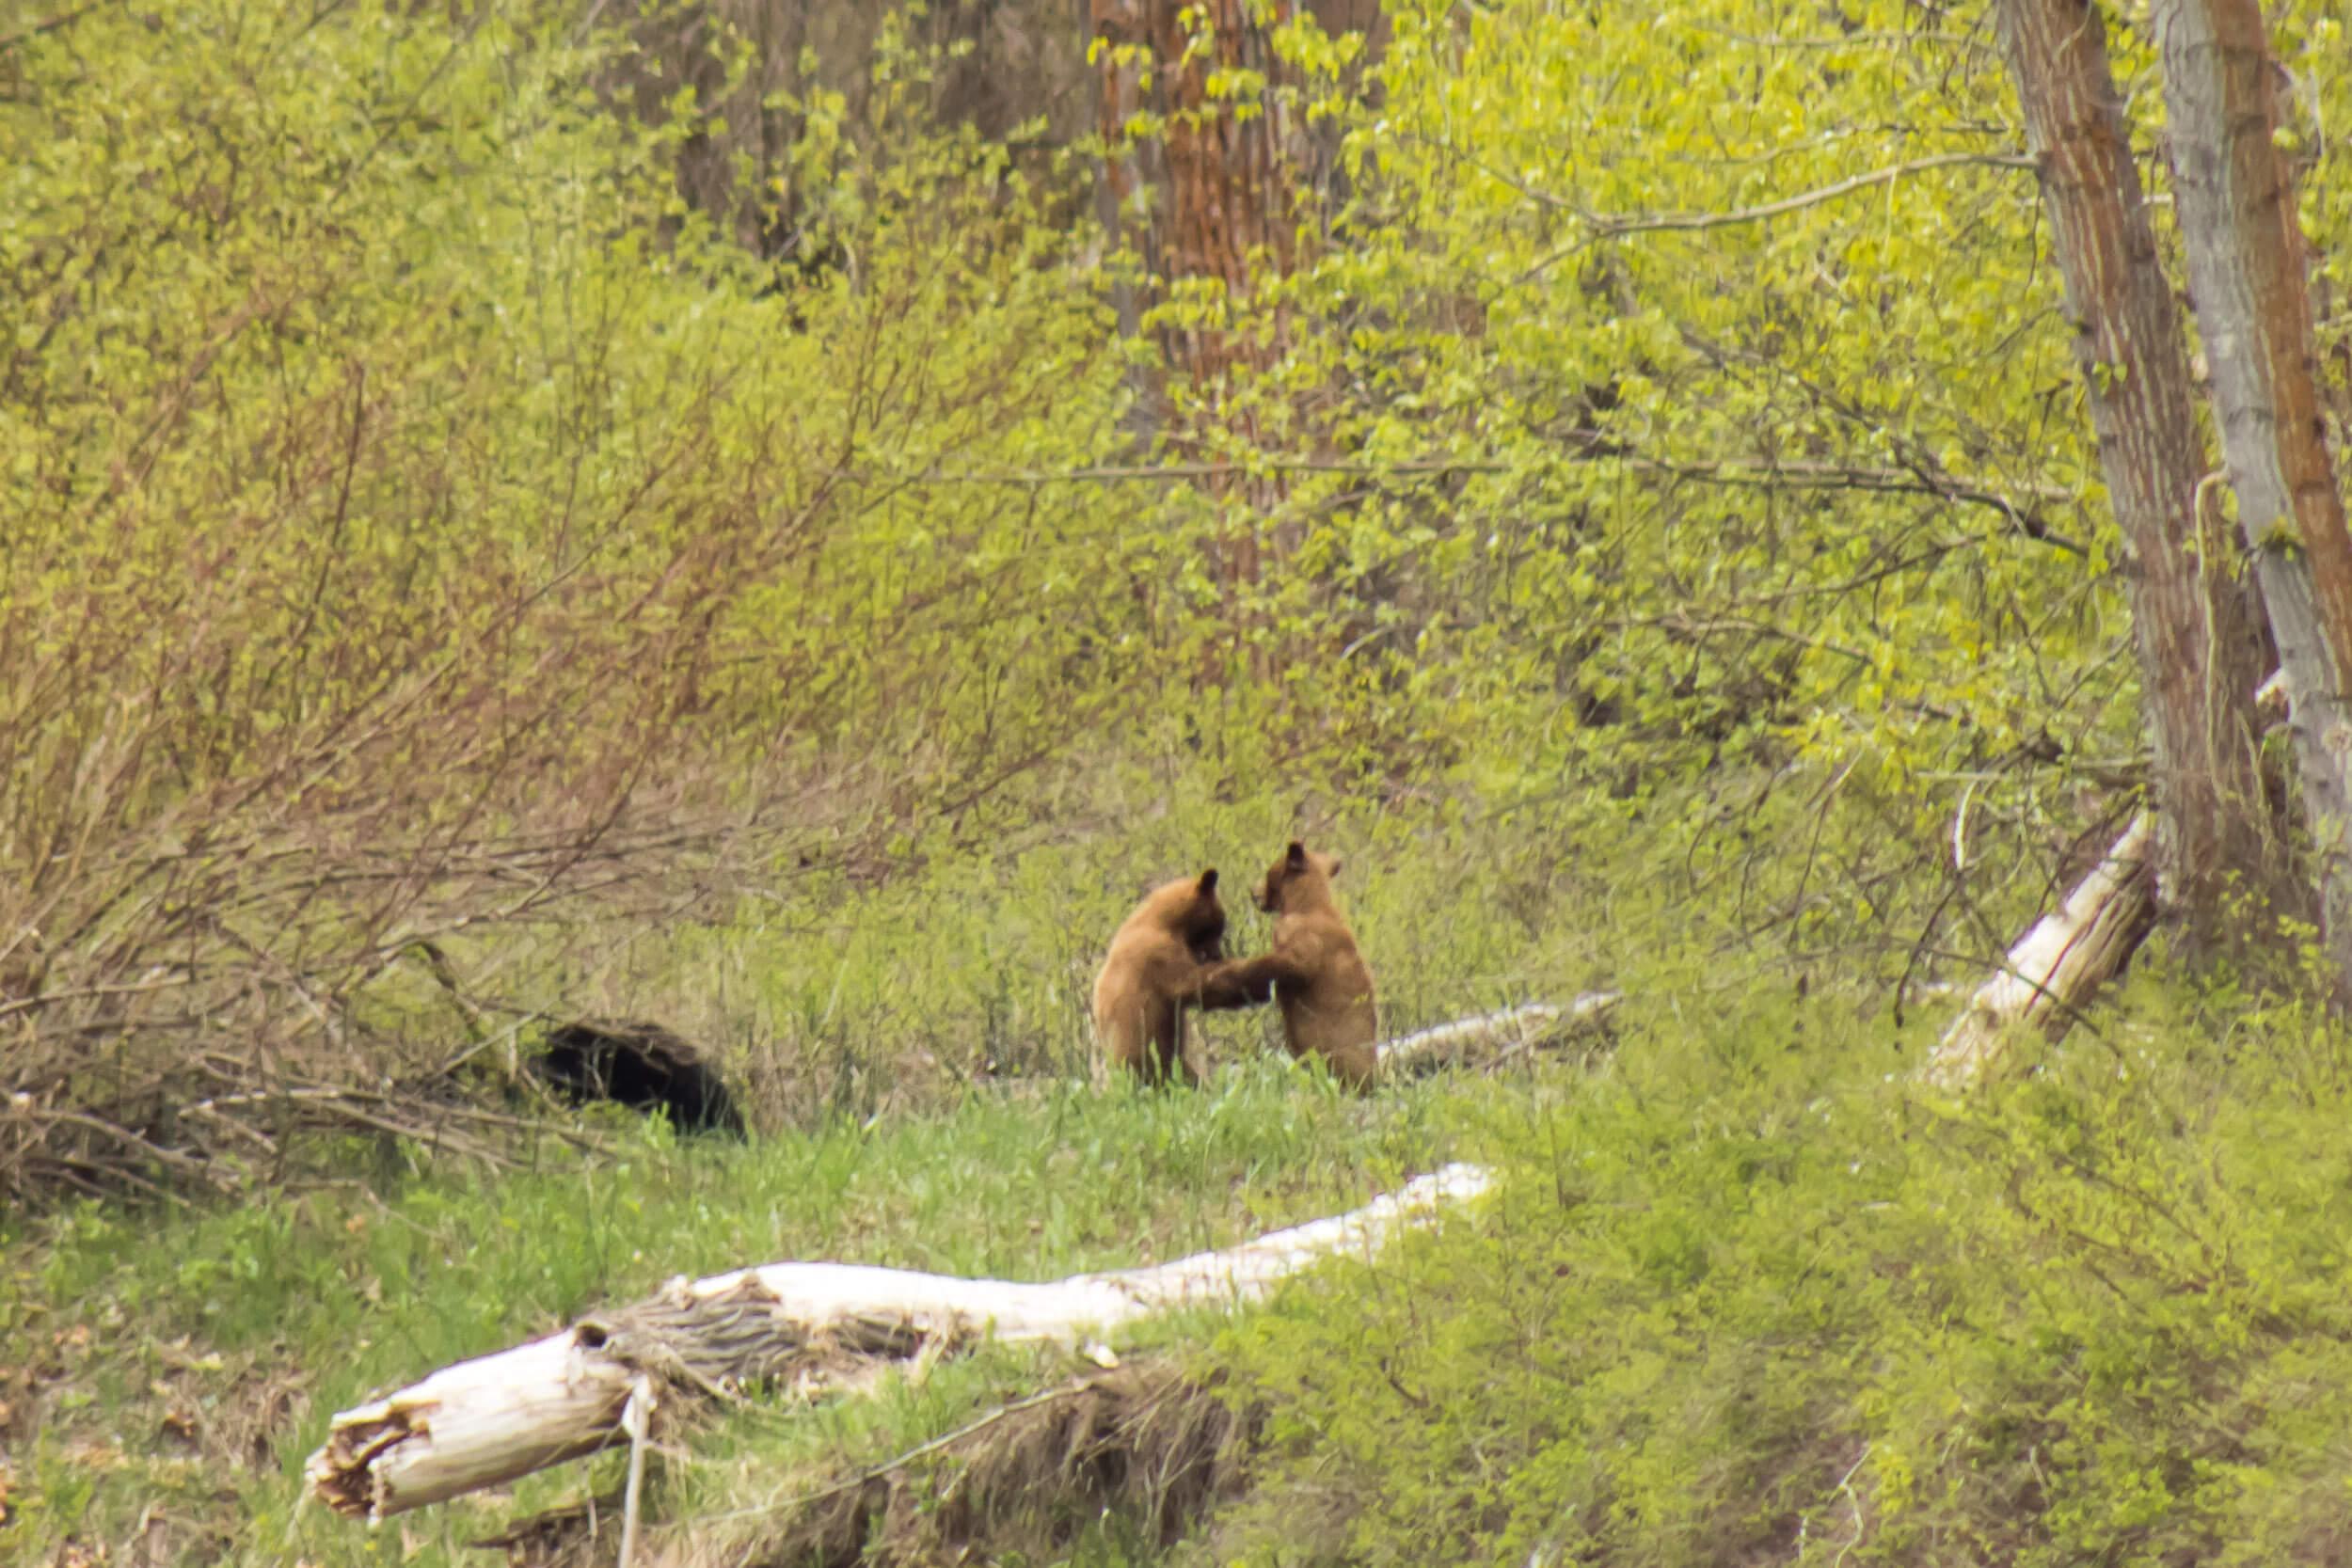 ROTR Bear Family Playing-3